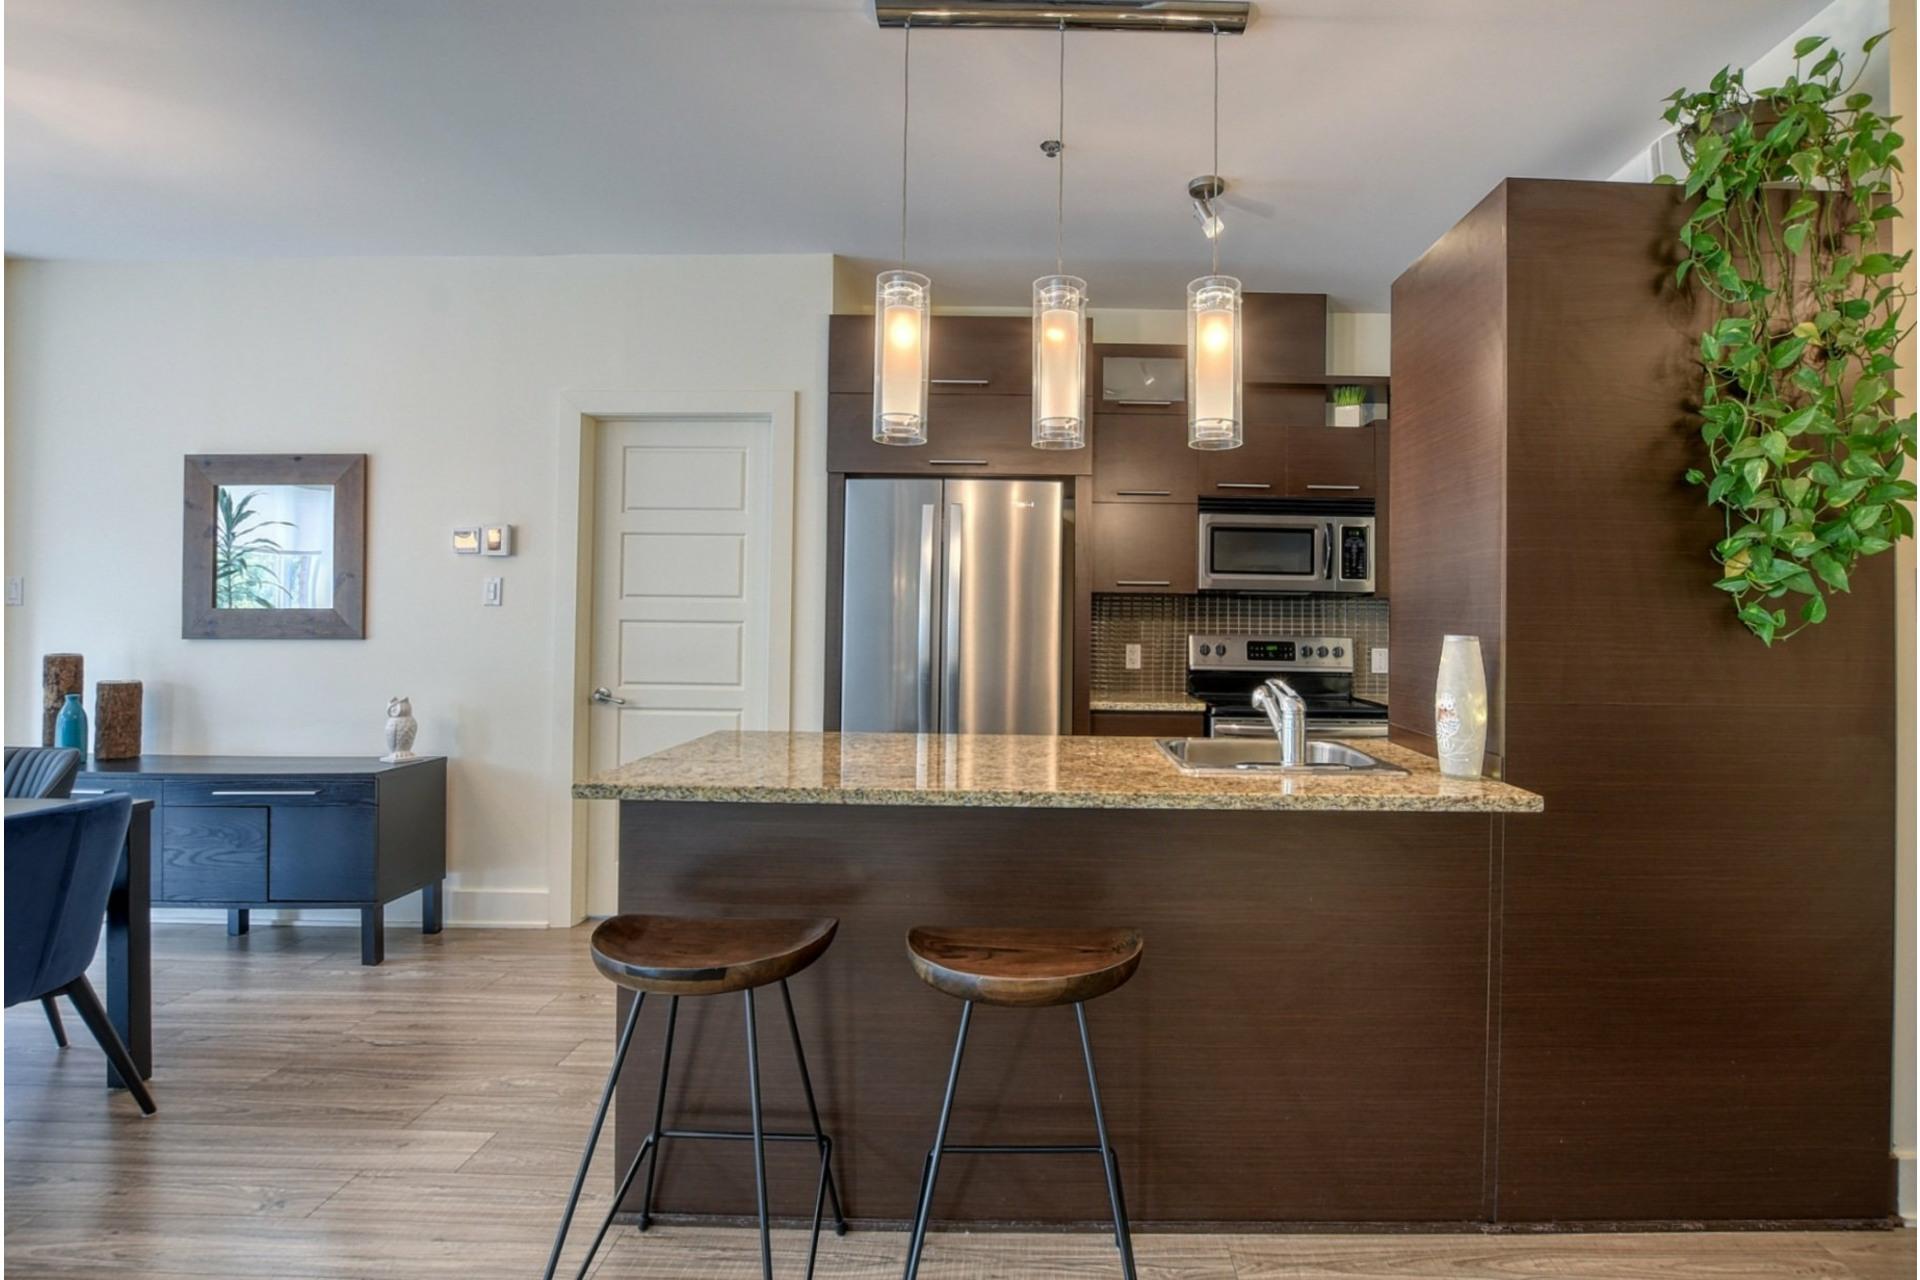 image 3 - Appartement À vendre Boisbriand - 10 pièces